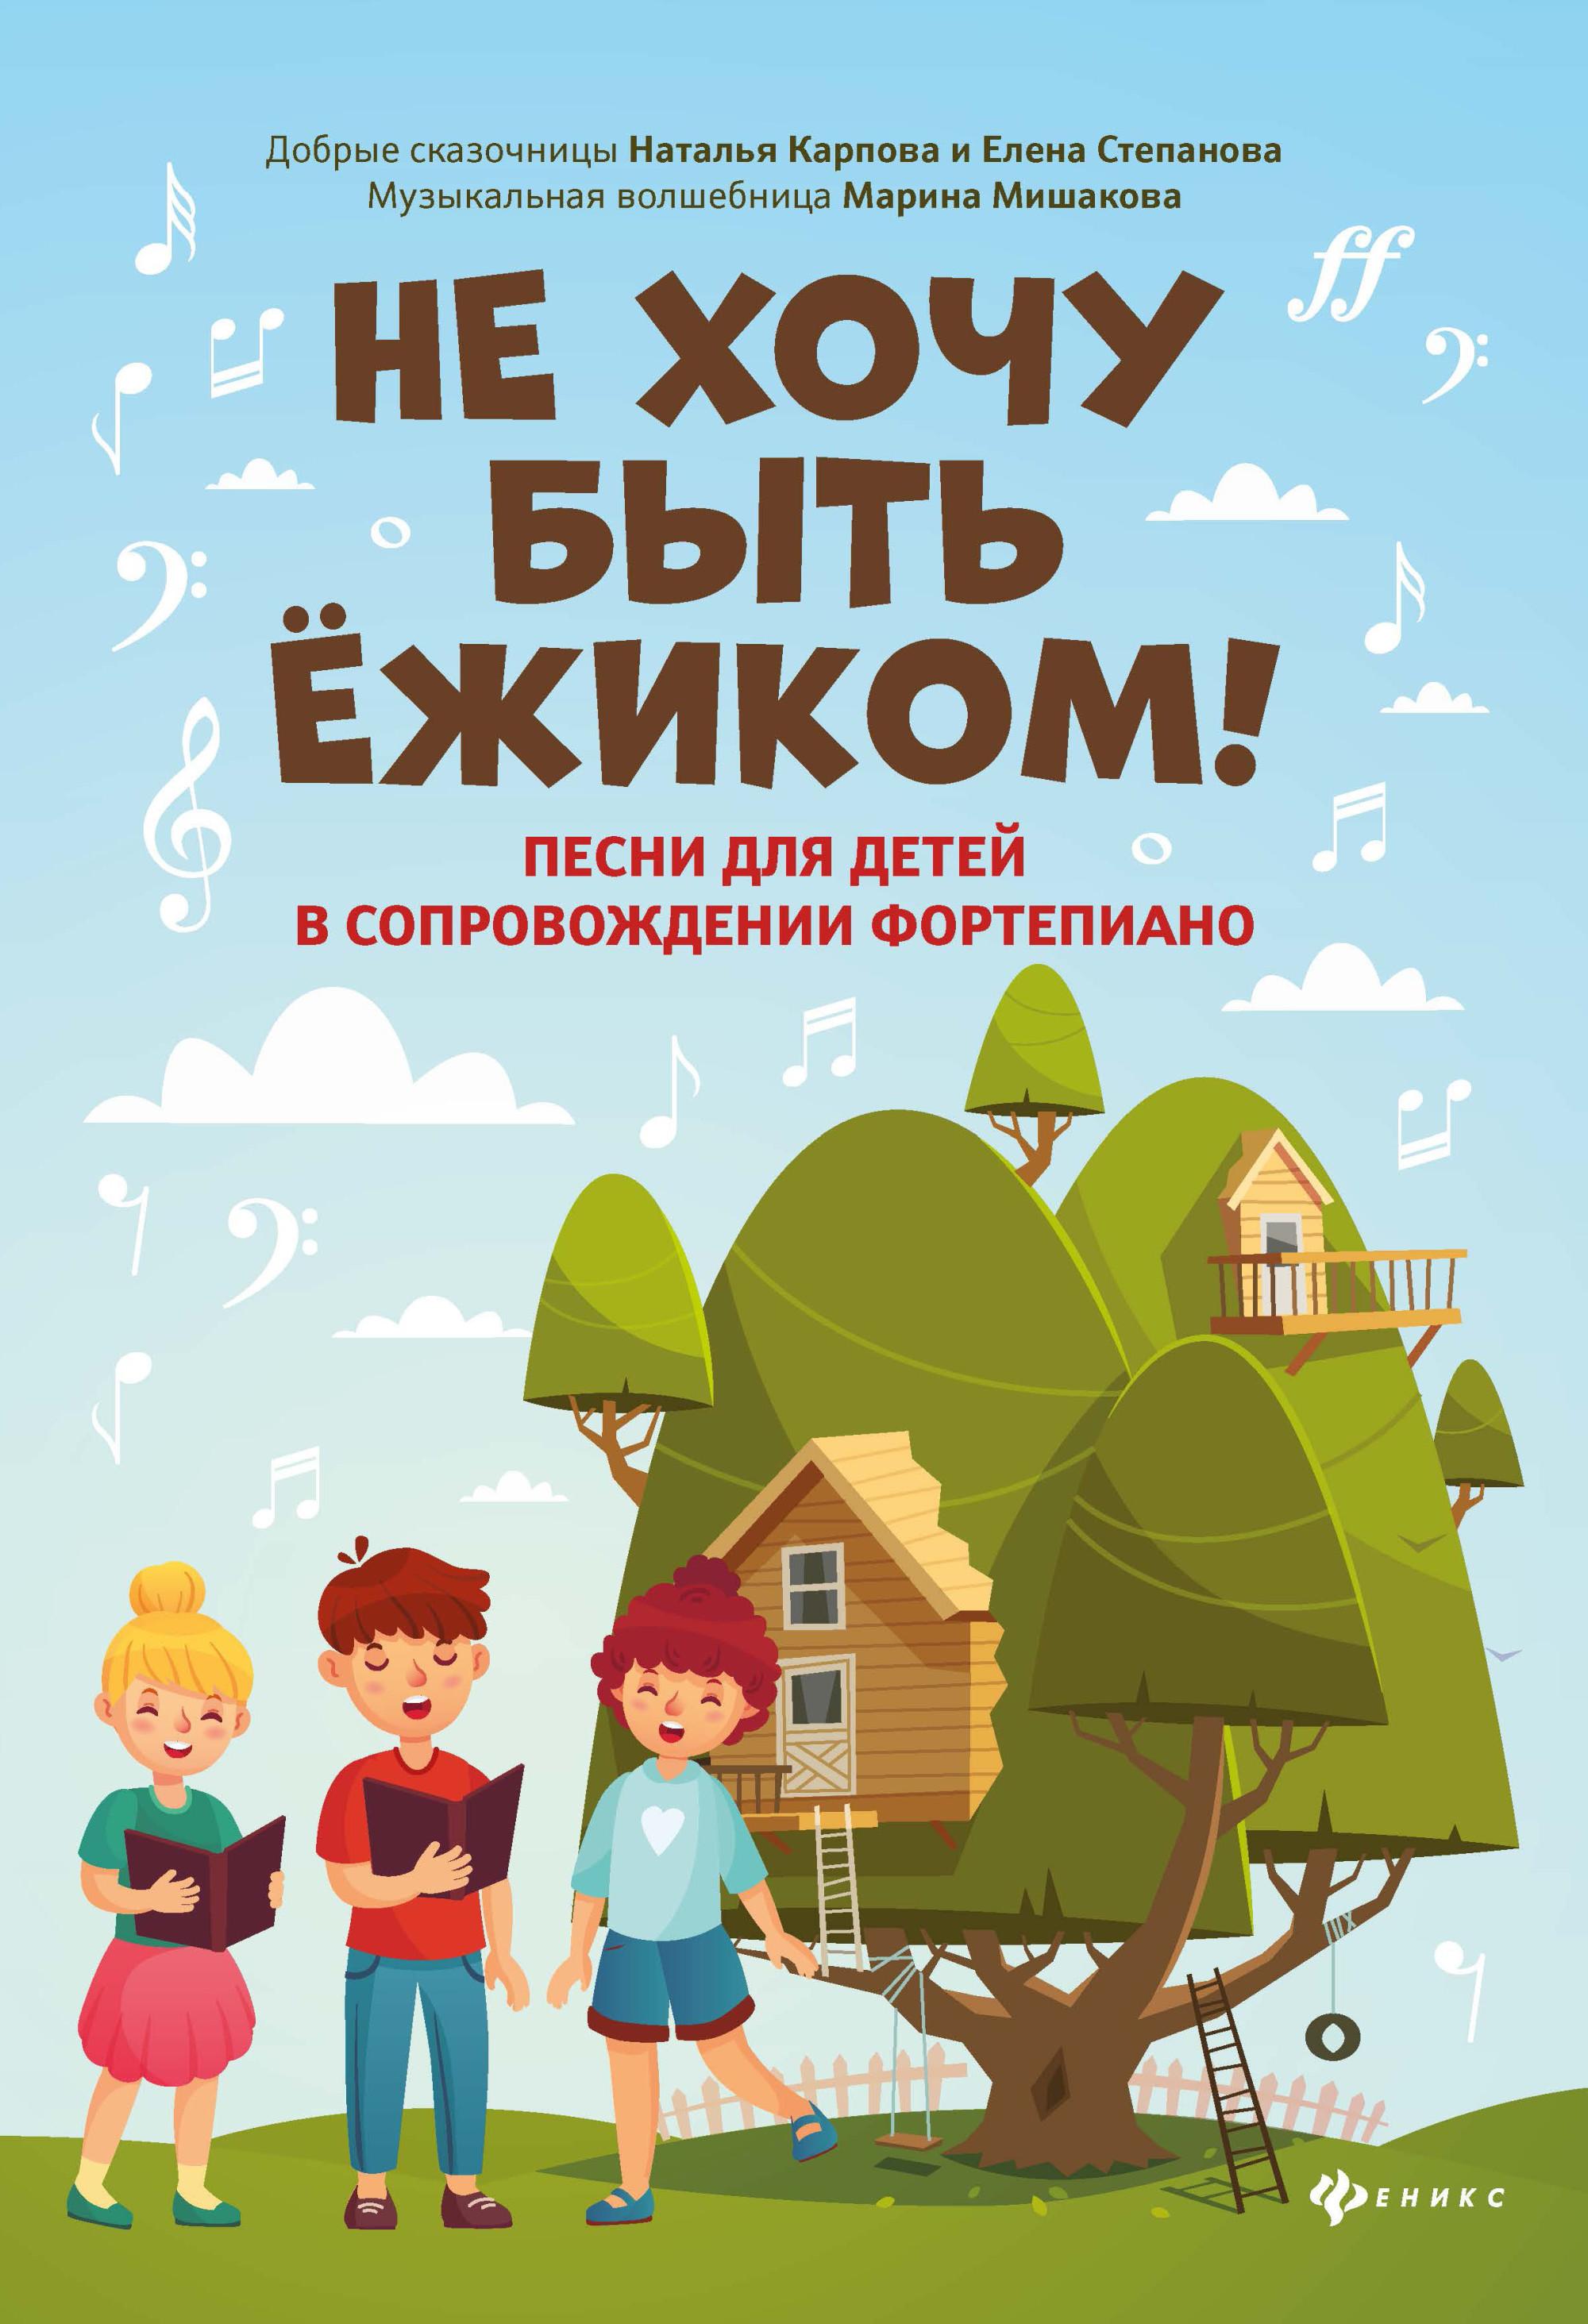 Не хочу быть ежиком!: Песни для детей в сопровождении фортепиано